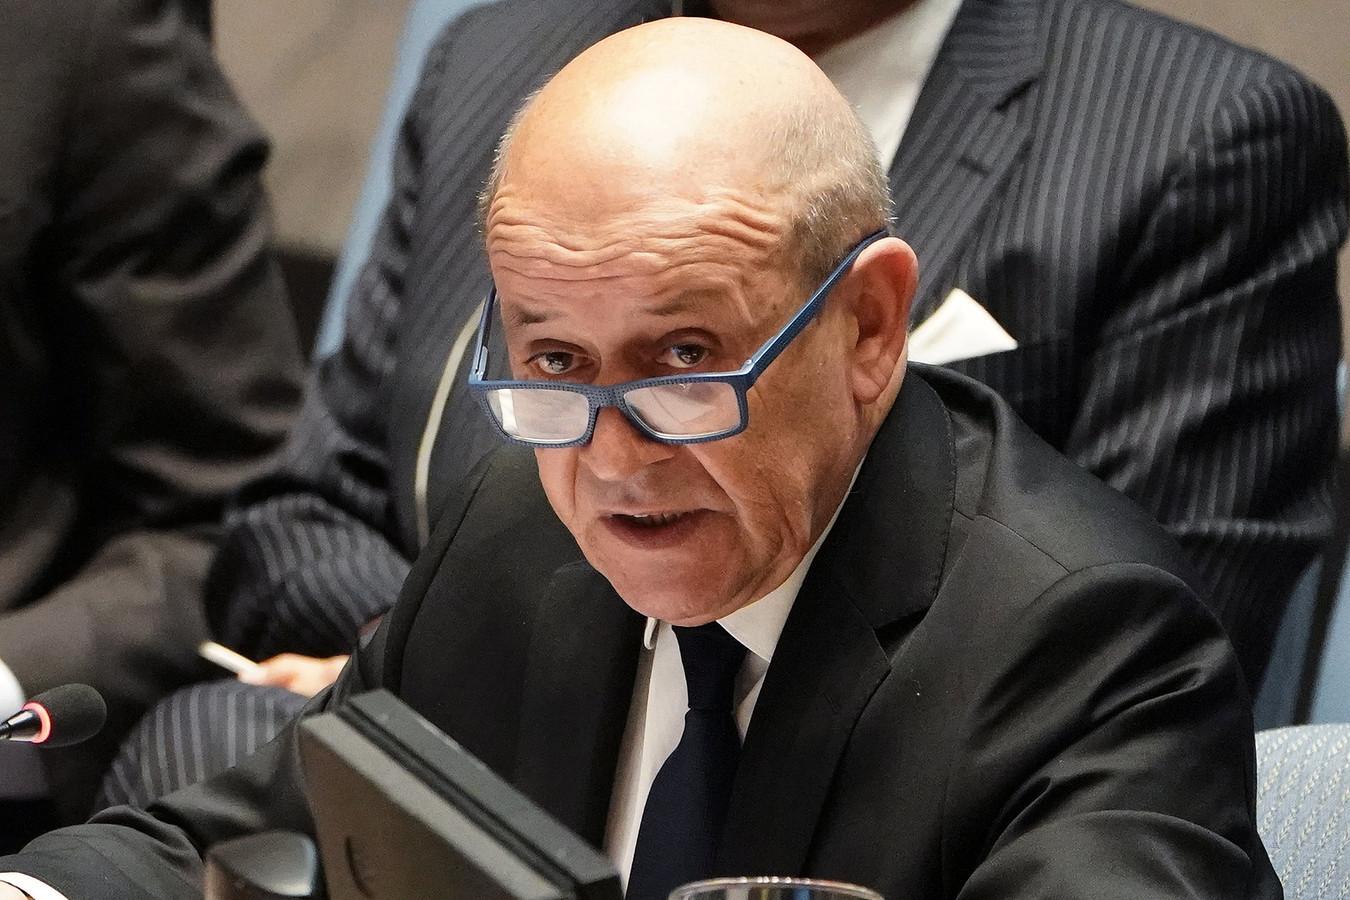 De echte Franse minister van Buitenlandse Zaken, Jean-Yves Le Drian.